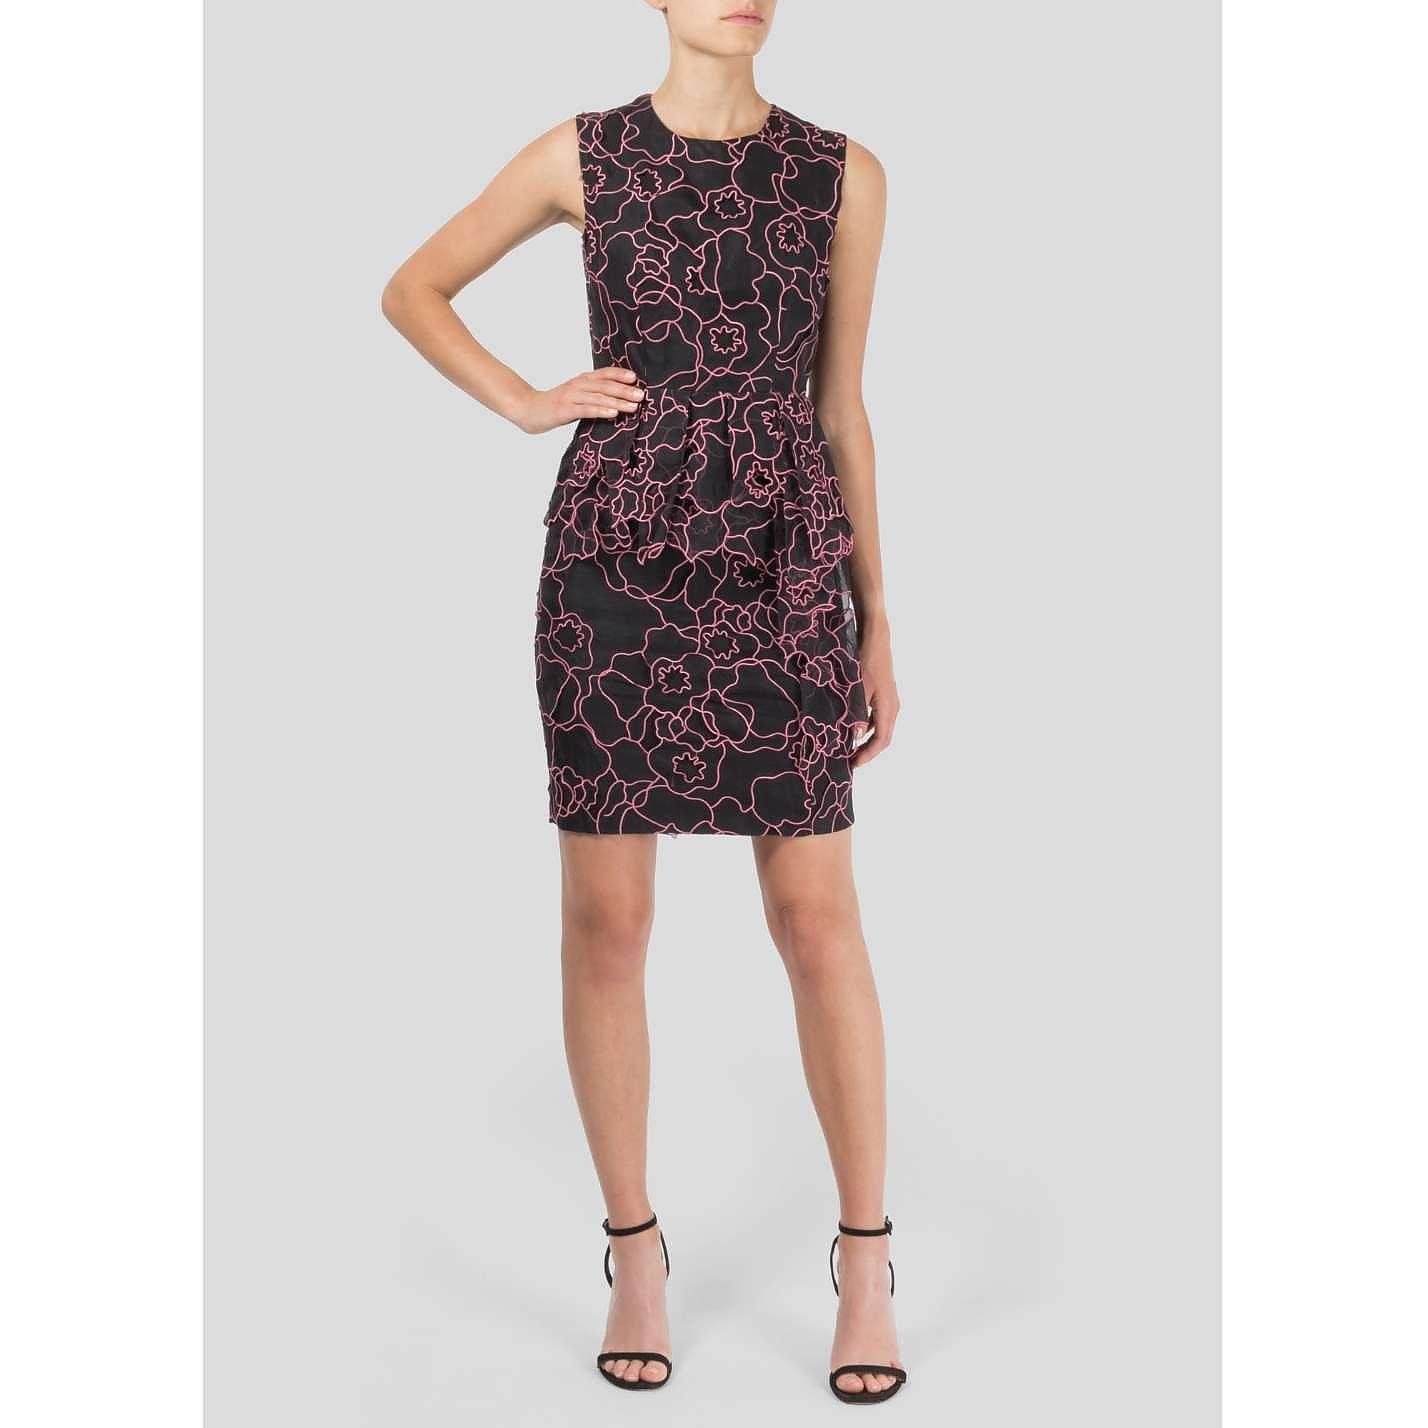 Diane von Furstenberg Sleeveless Embroidered Dress